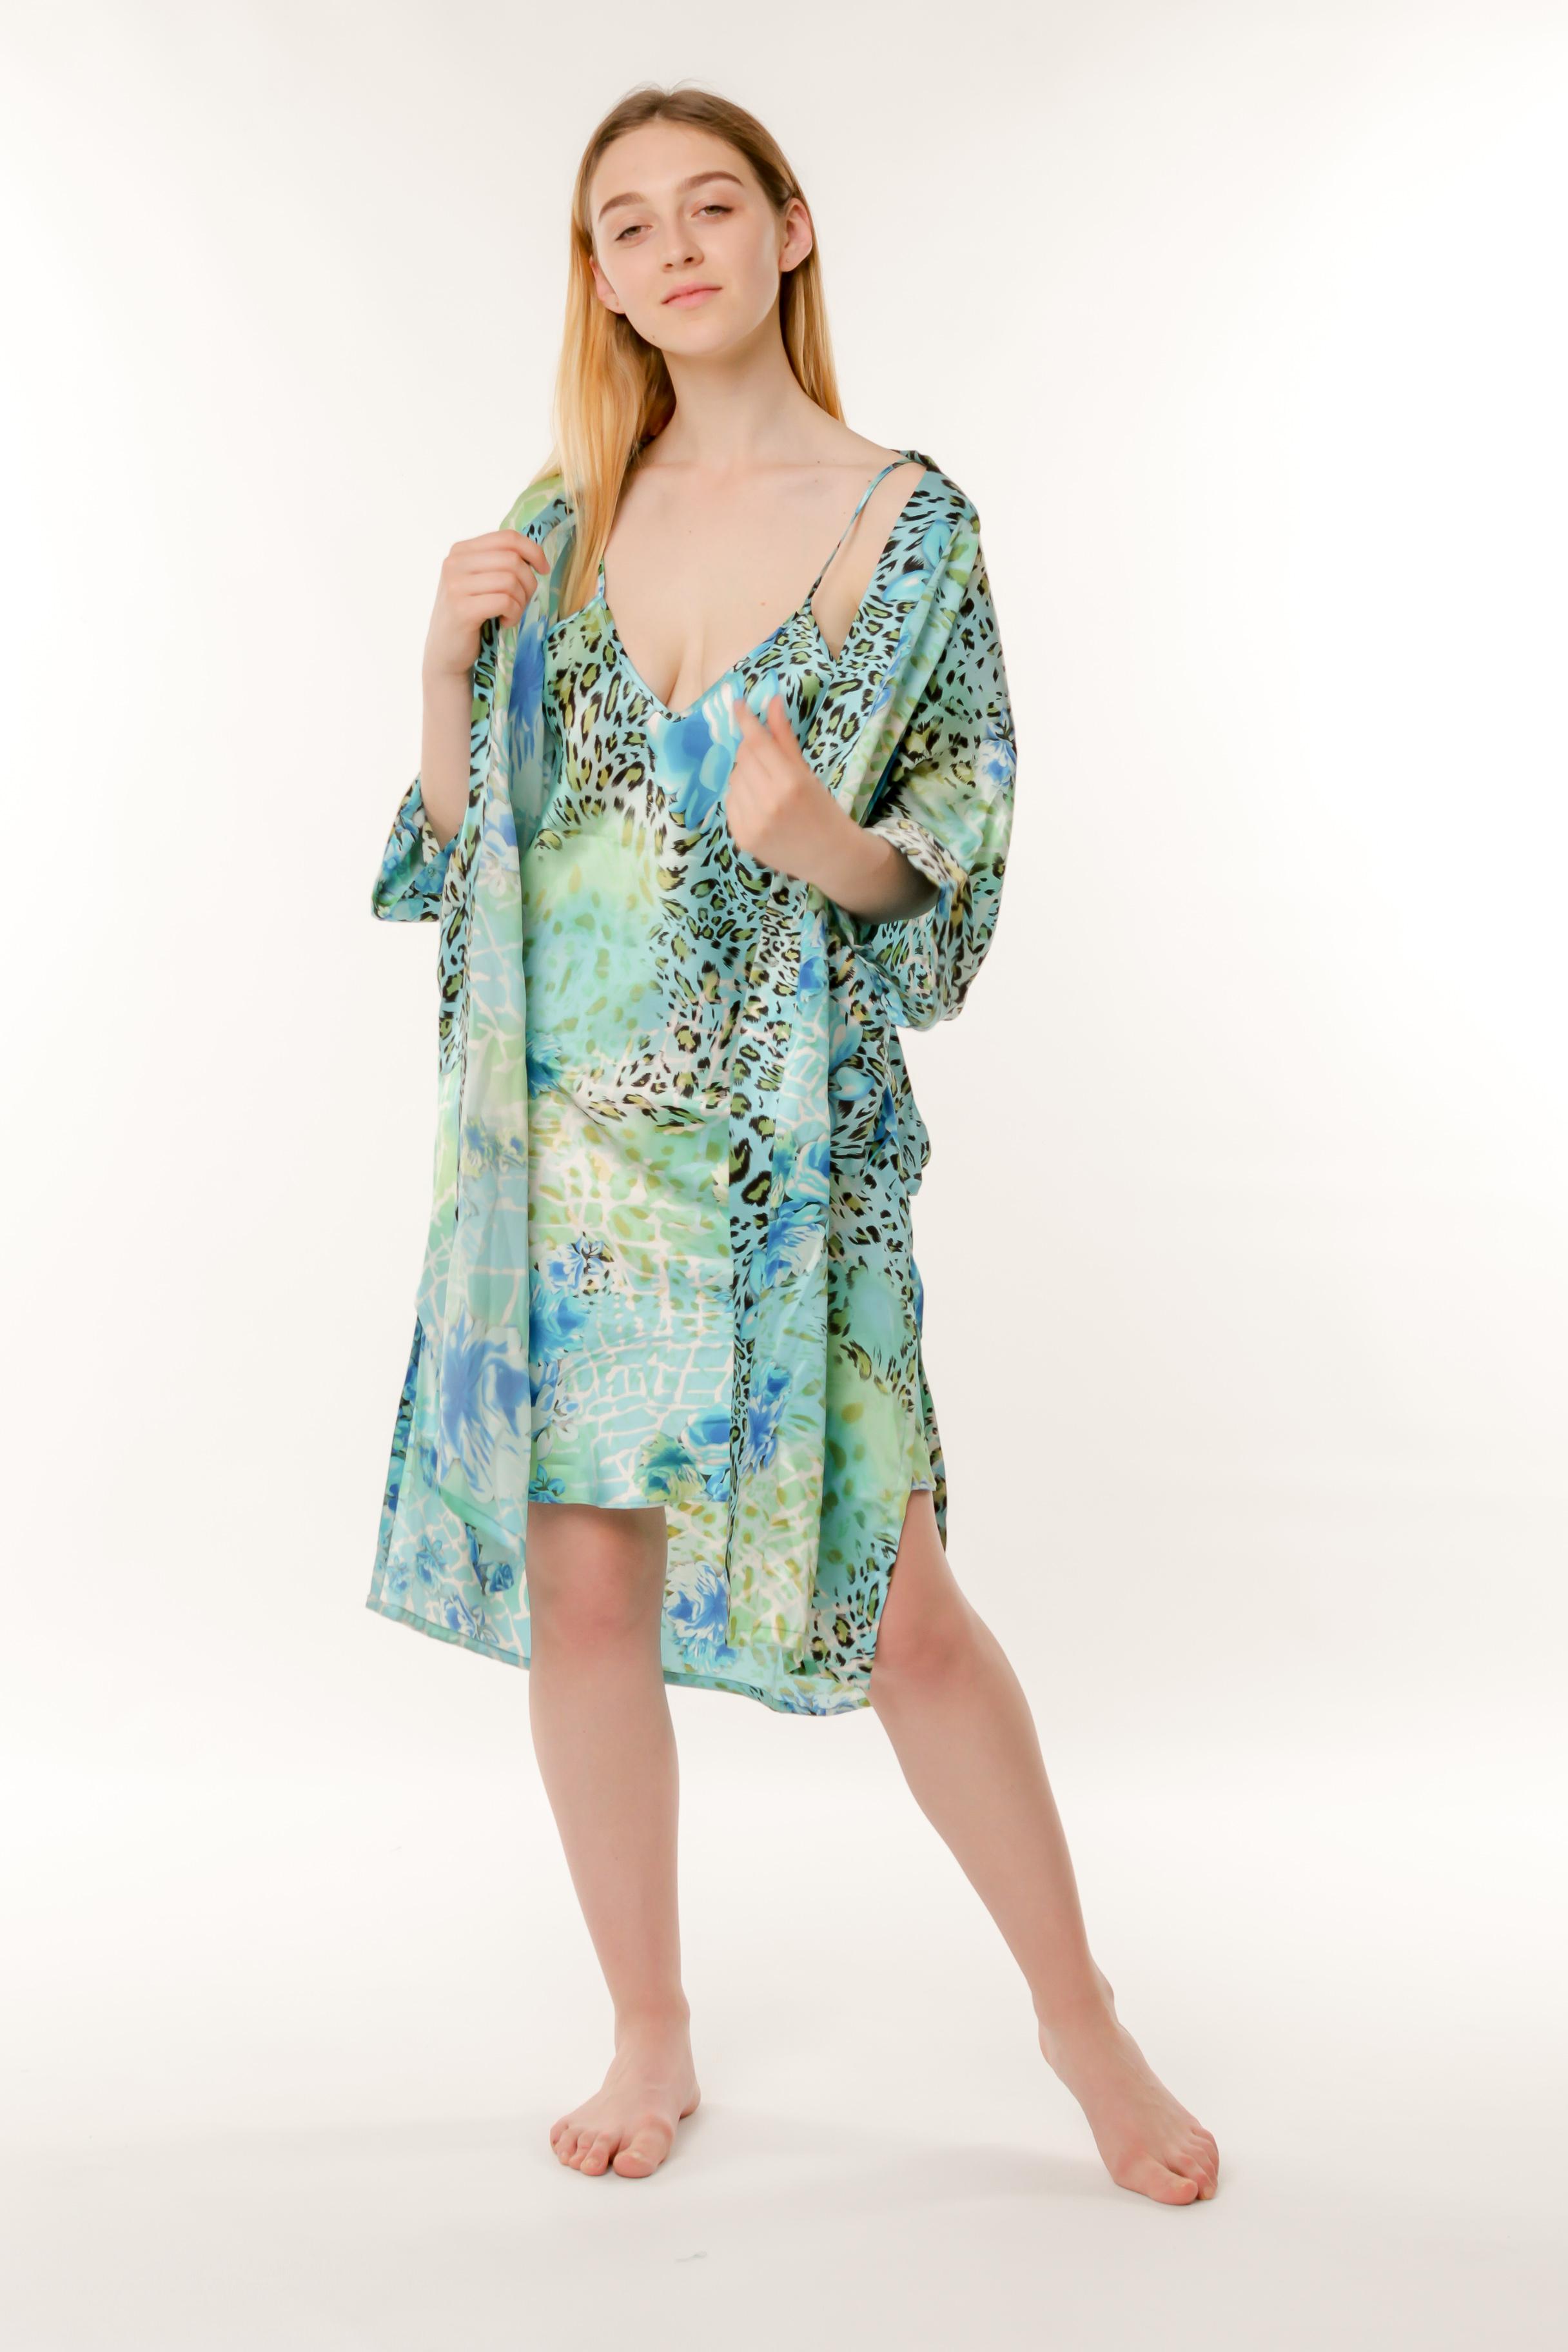 d437deea971b0 Купить Набор ночная сорочка и халат шелк голубой Китай от Китай